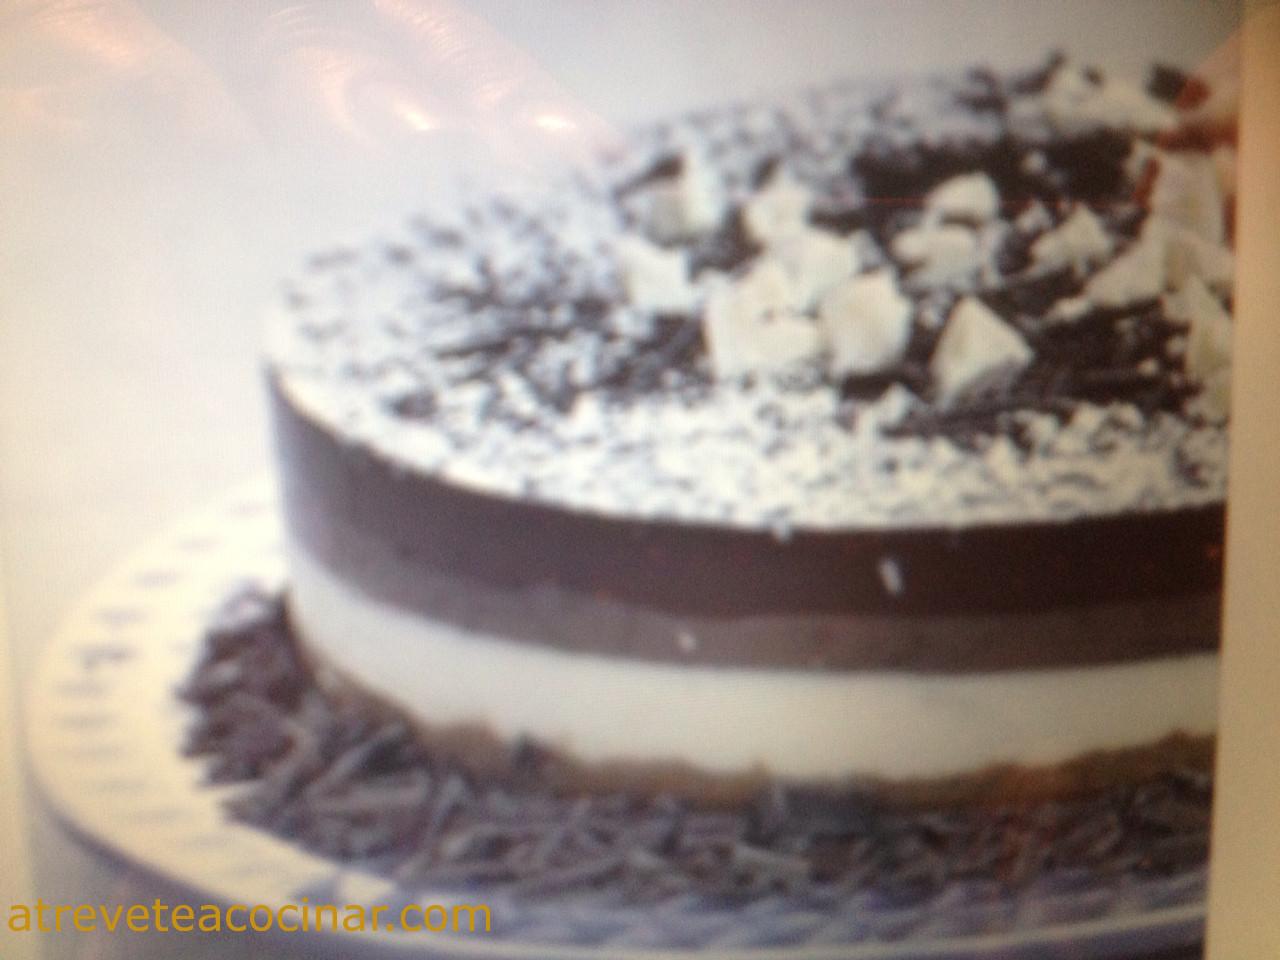 Atr vete a cocinar tarta tres chocolates - Atrevete a cocinar ...